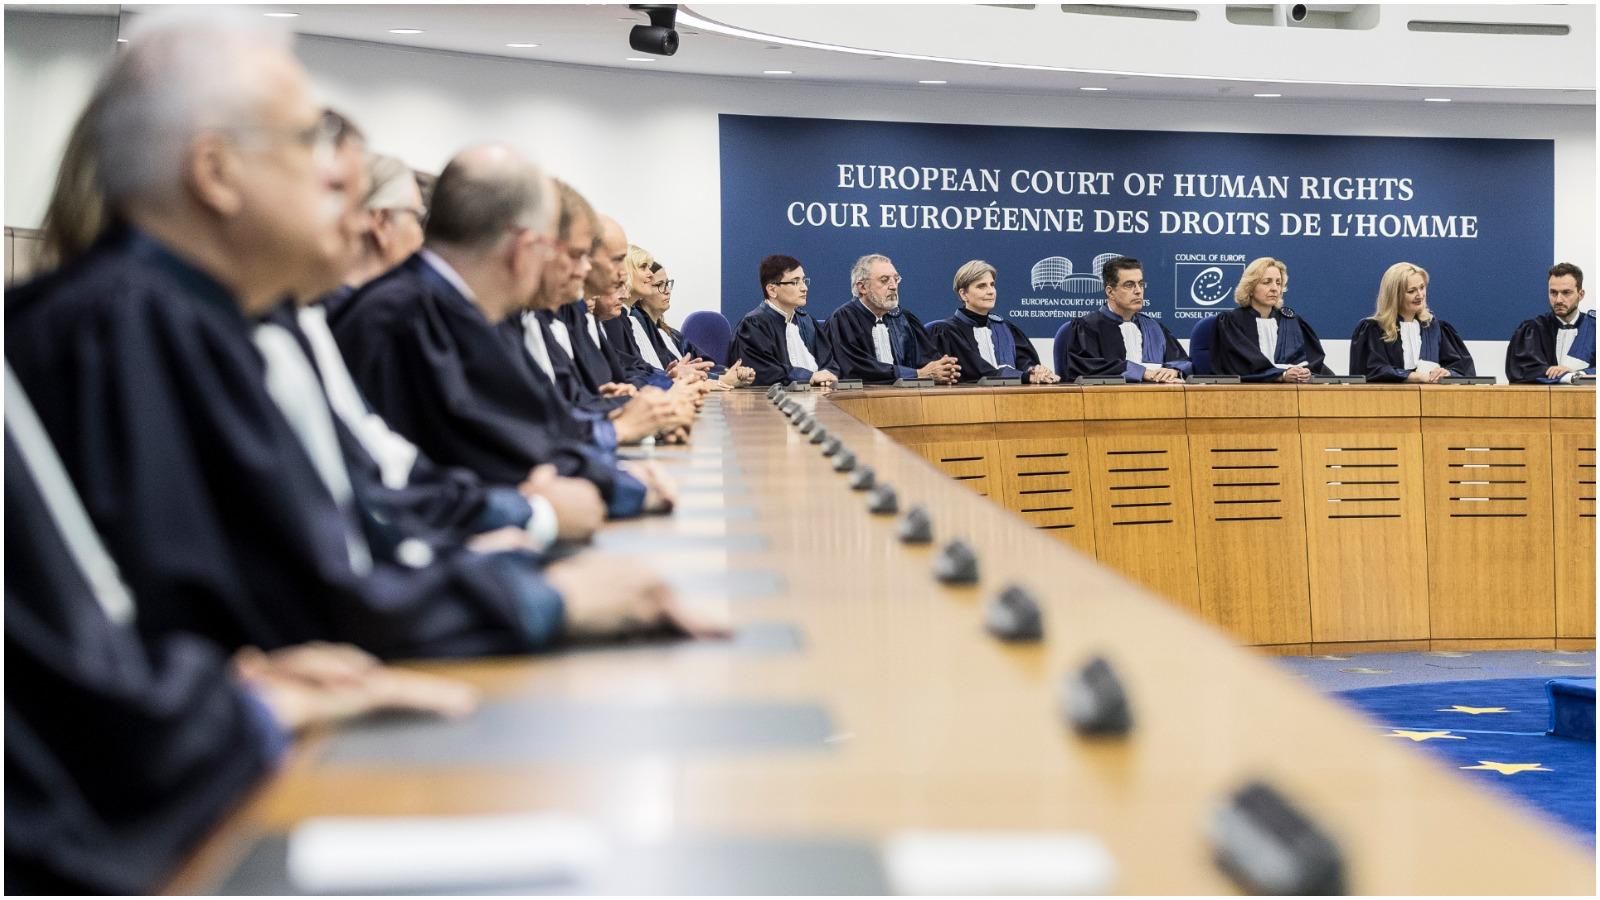 Bjørn Elmquist om menneskerettighedsdomstolen: Politikerne ønsker at politisere alt – men uden stopklodser, intet demokrati